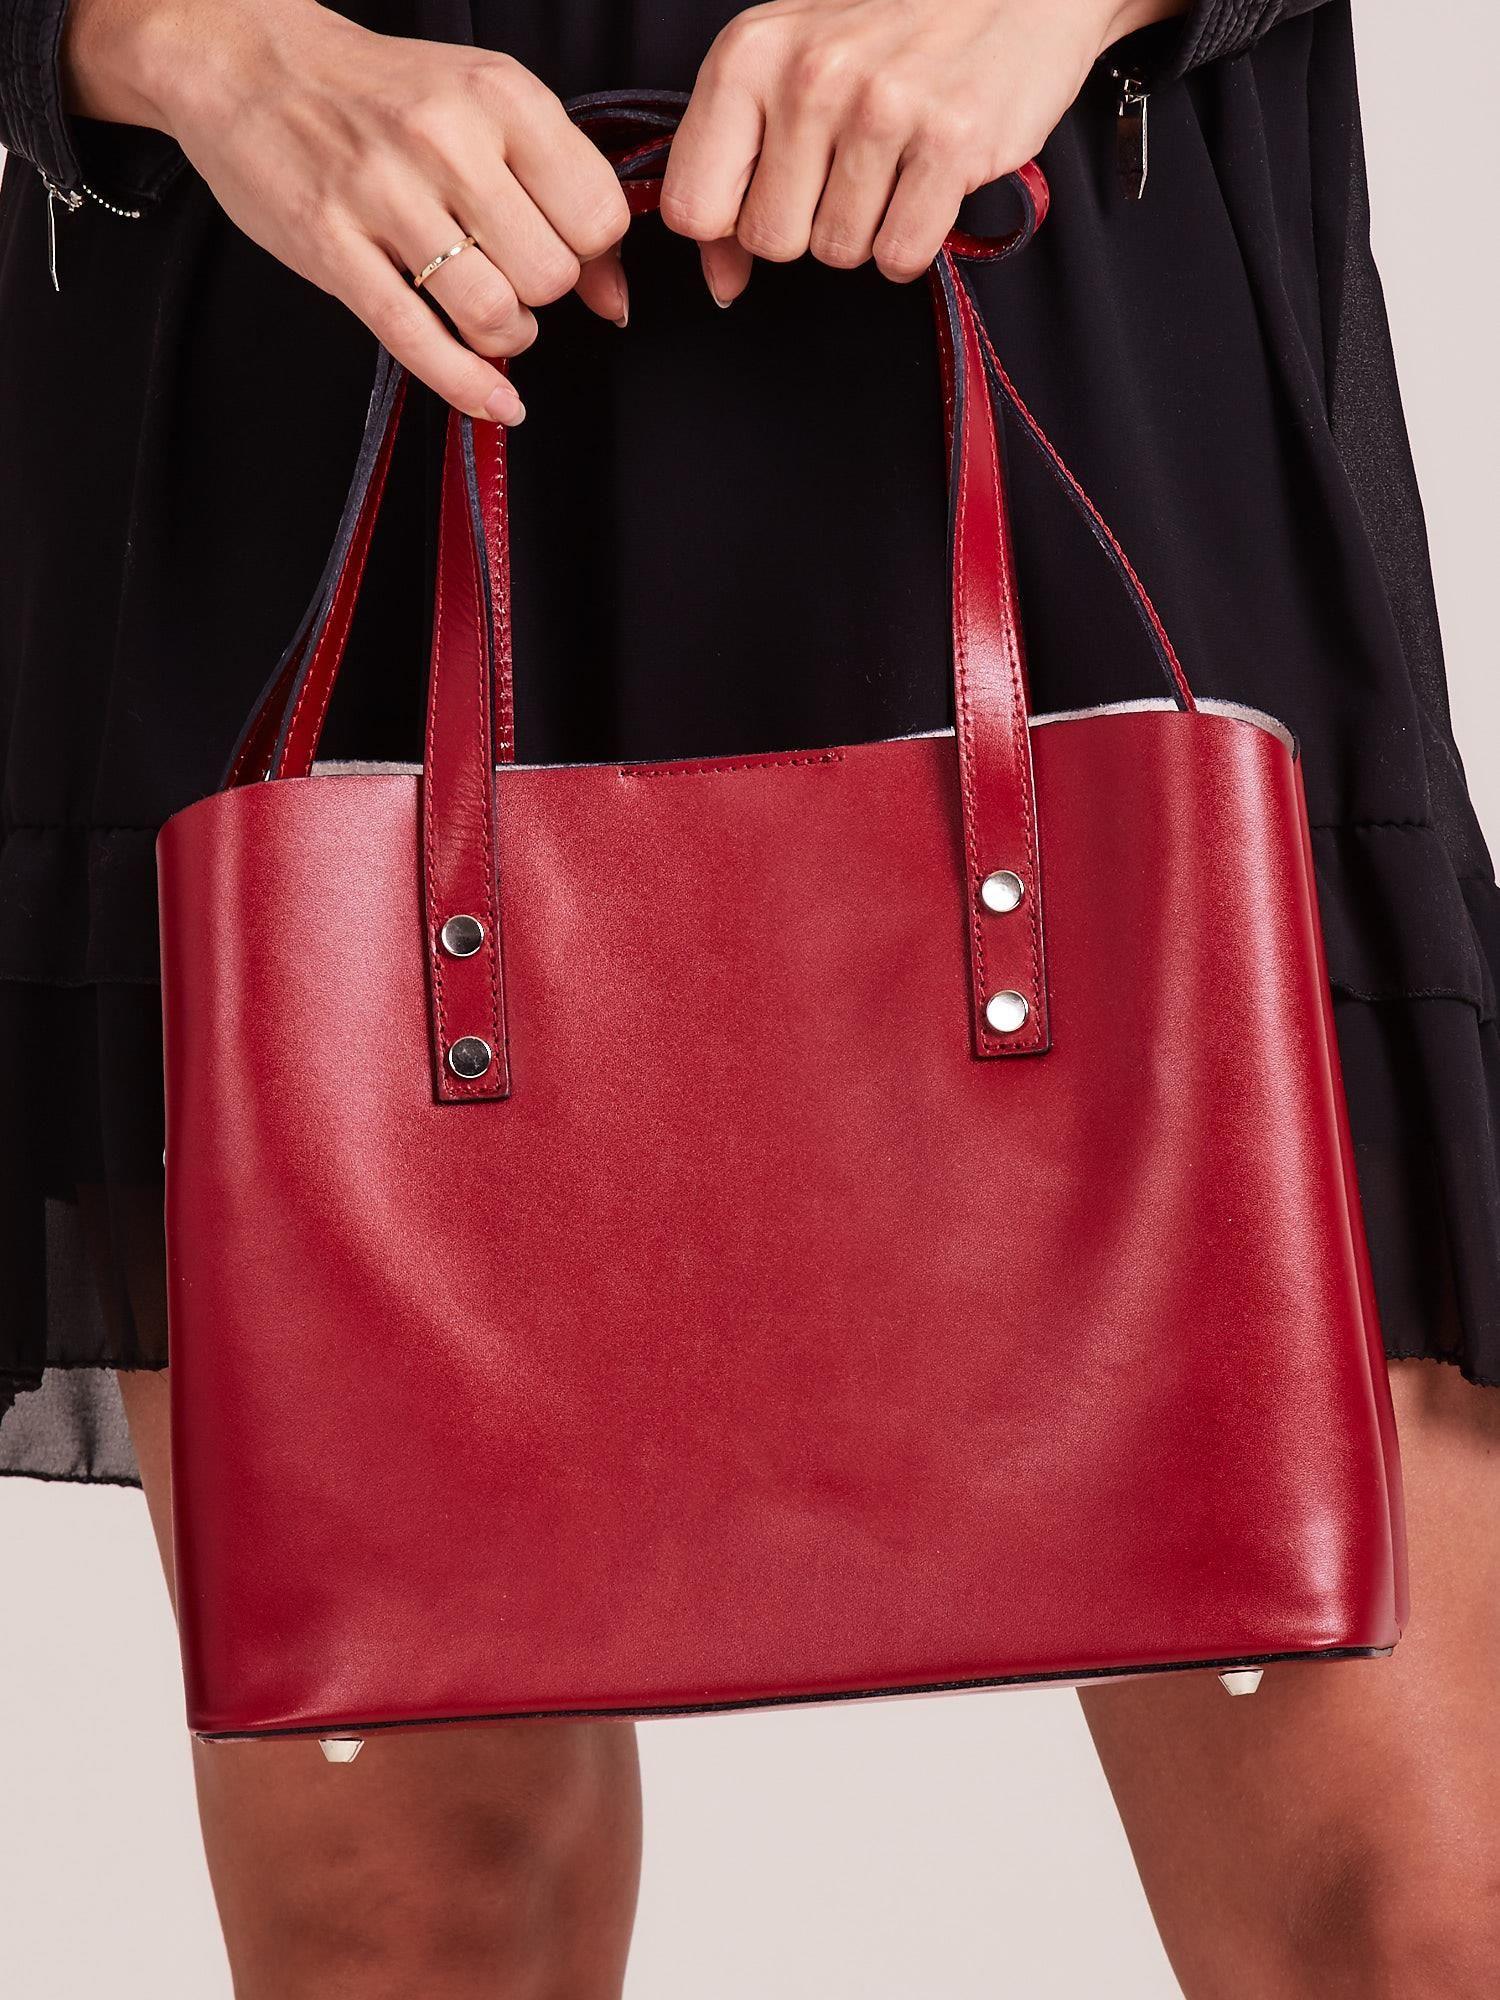 e7b16660bf711 Czerwona skórzana torebka do ręki z paskiem - Akcesoria torba ...